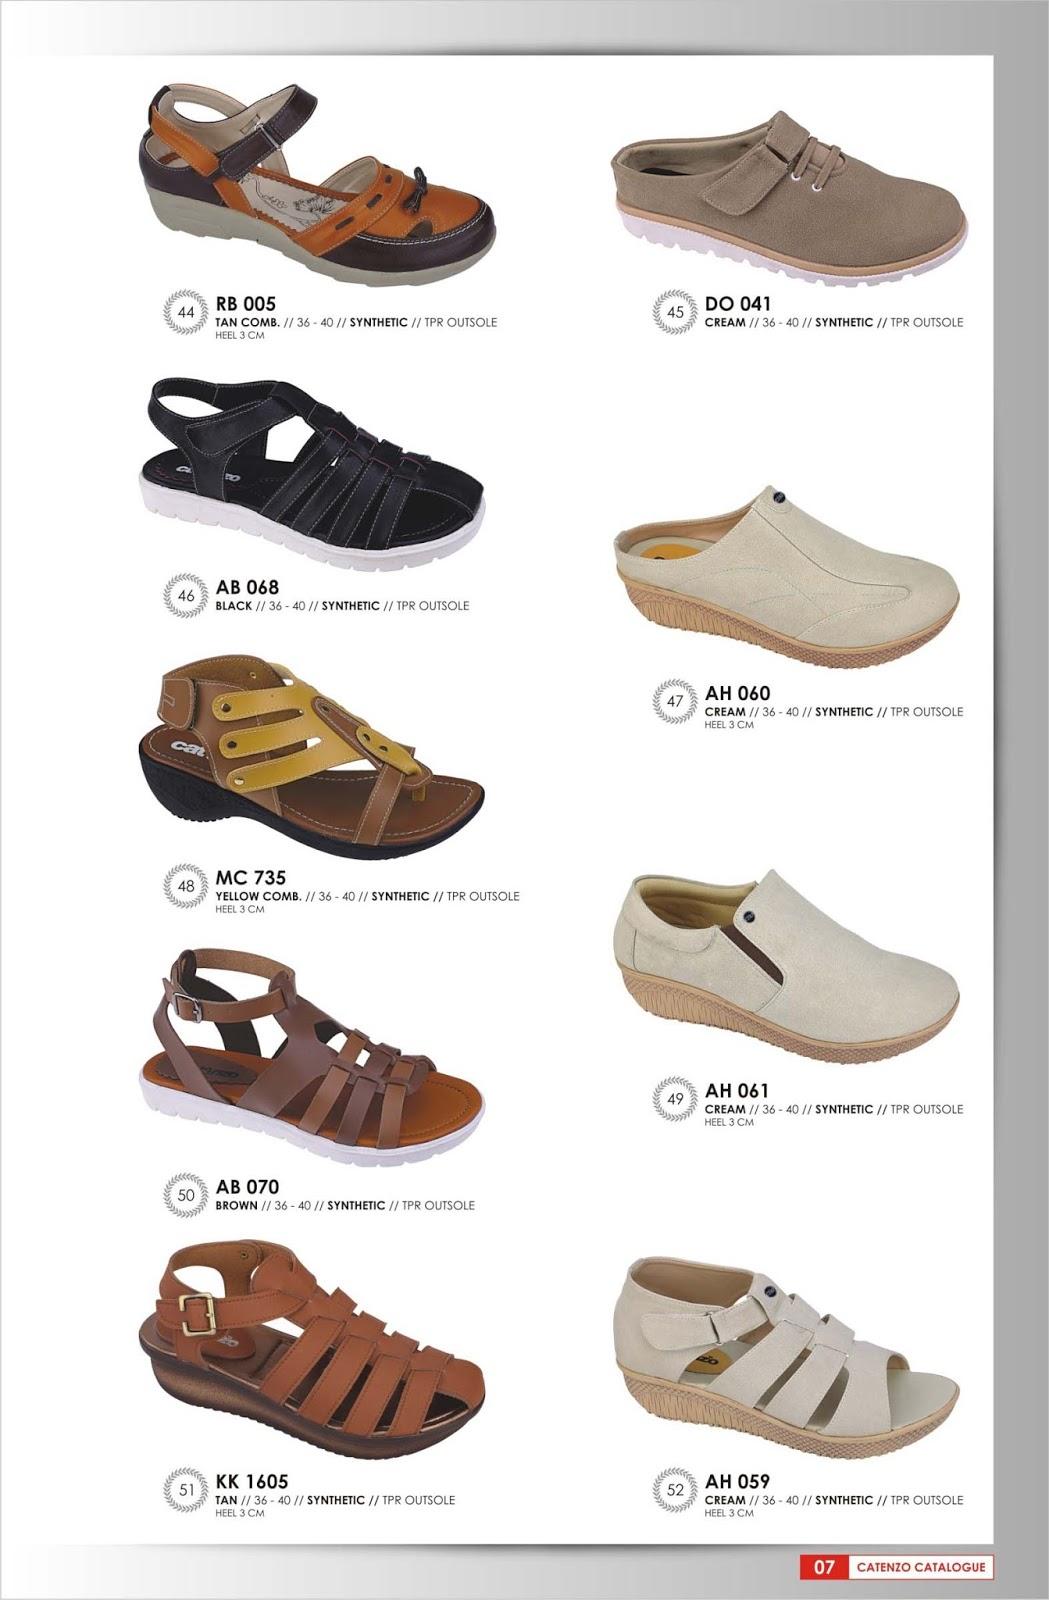 Suplier Distro Bandung Merk Catenzo Katalog 2018 Sepatu Dan Sandal Baju Koko Garsel Fashion Fny 003 Yang Modis Fashionable Kualitas Produk Tidak Perlu Diragukan Lagi Karena Banyak Sudah Menjadi Best Seller Bahkan Beberapa